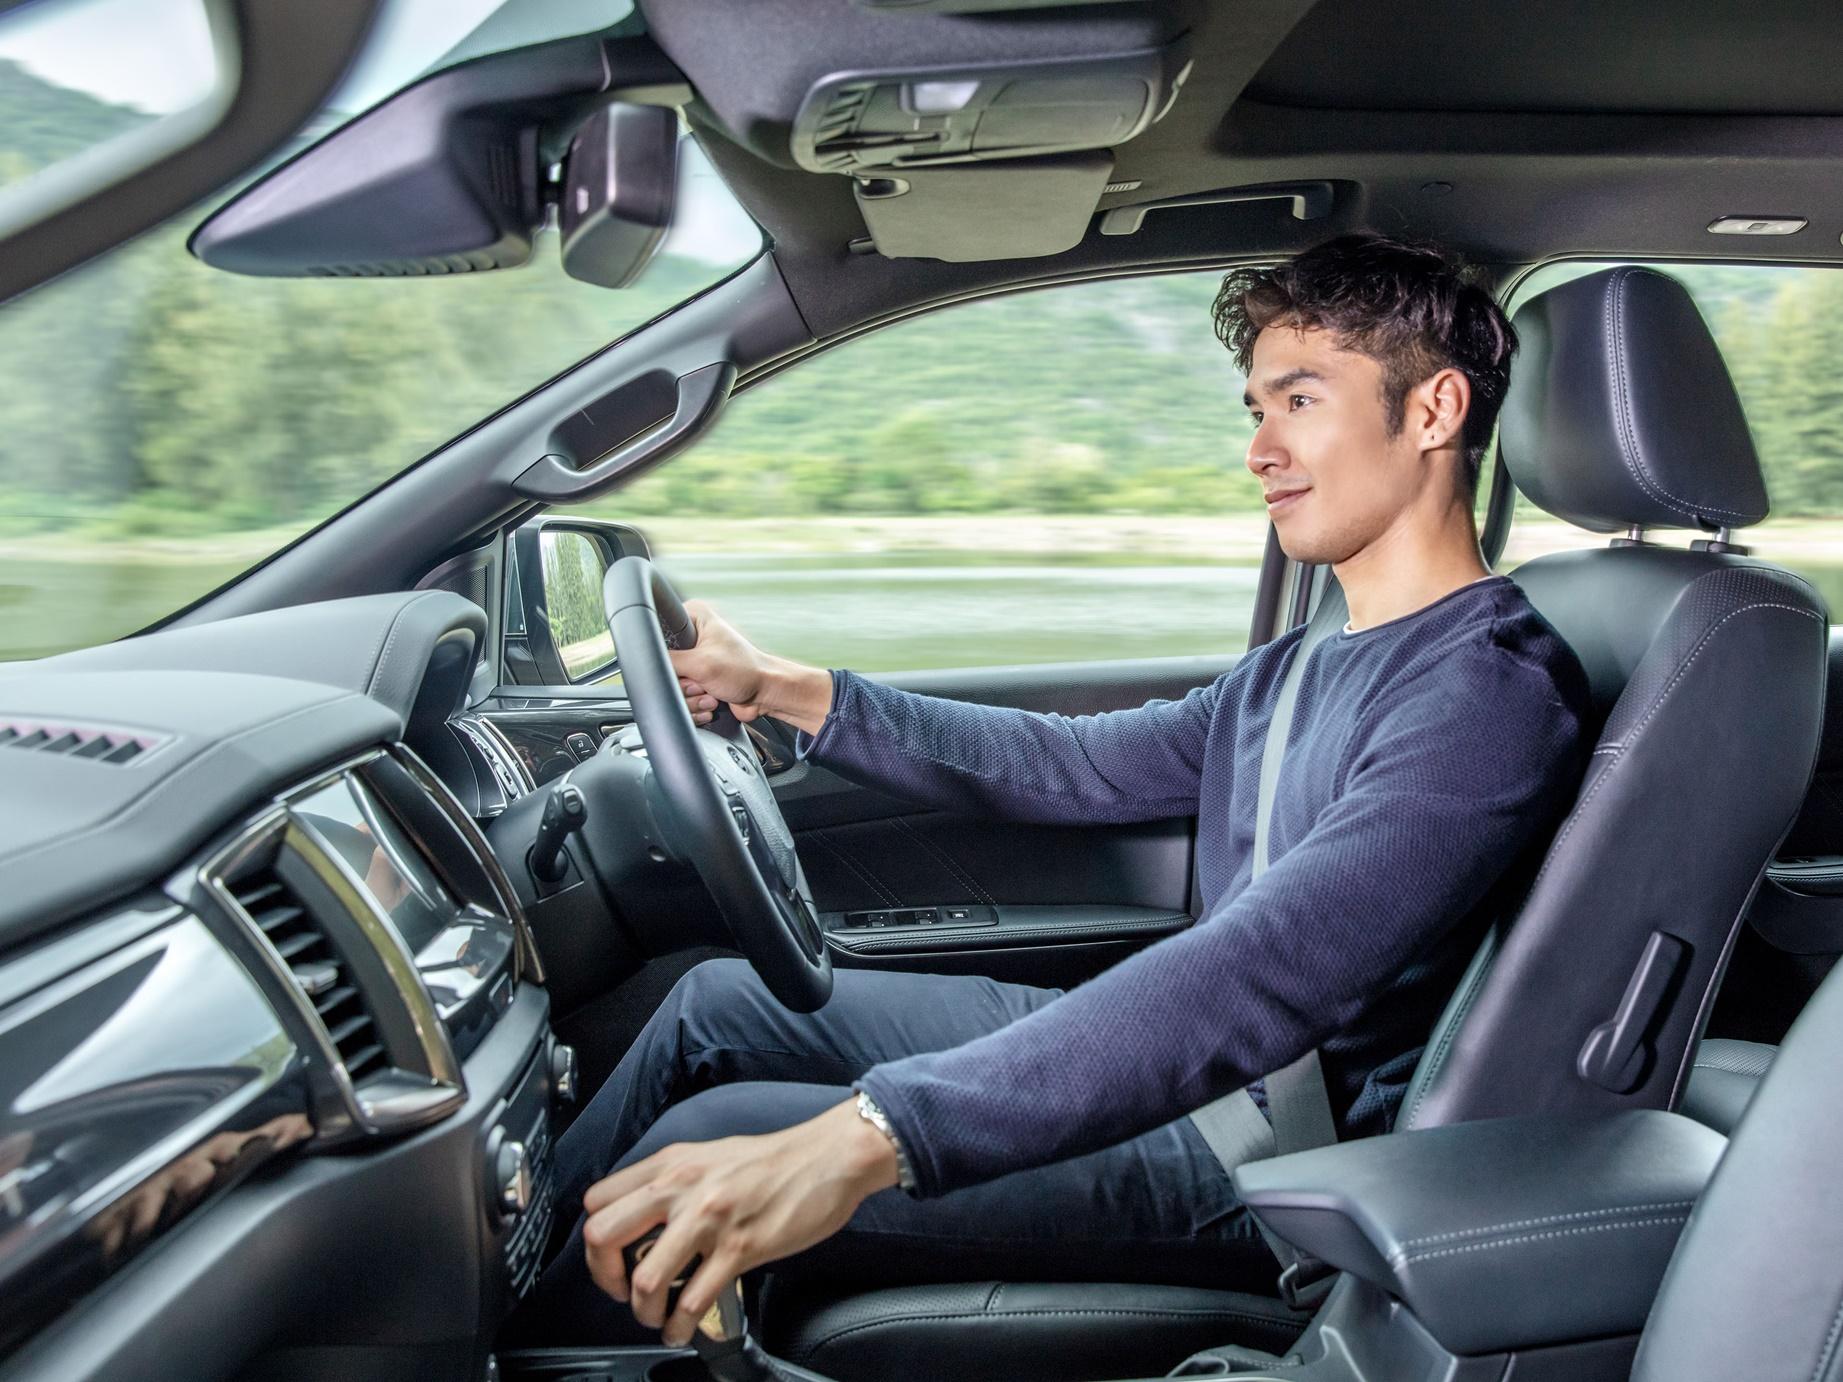 ข่าวรถวันนี้ : 5 สิ่งที่จะช่วยให้ขับรถได้อย่างมีประสิทธิภาพ